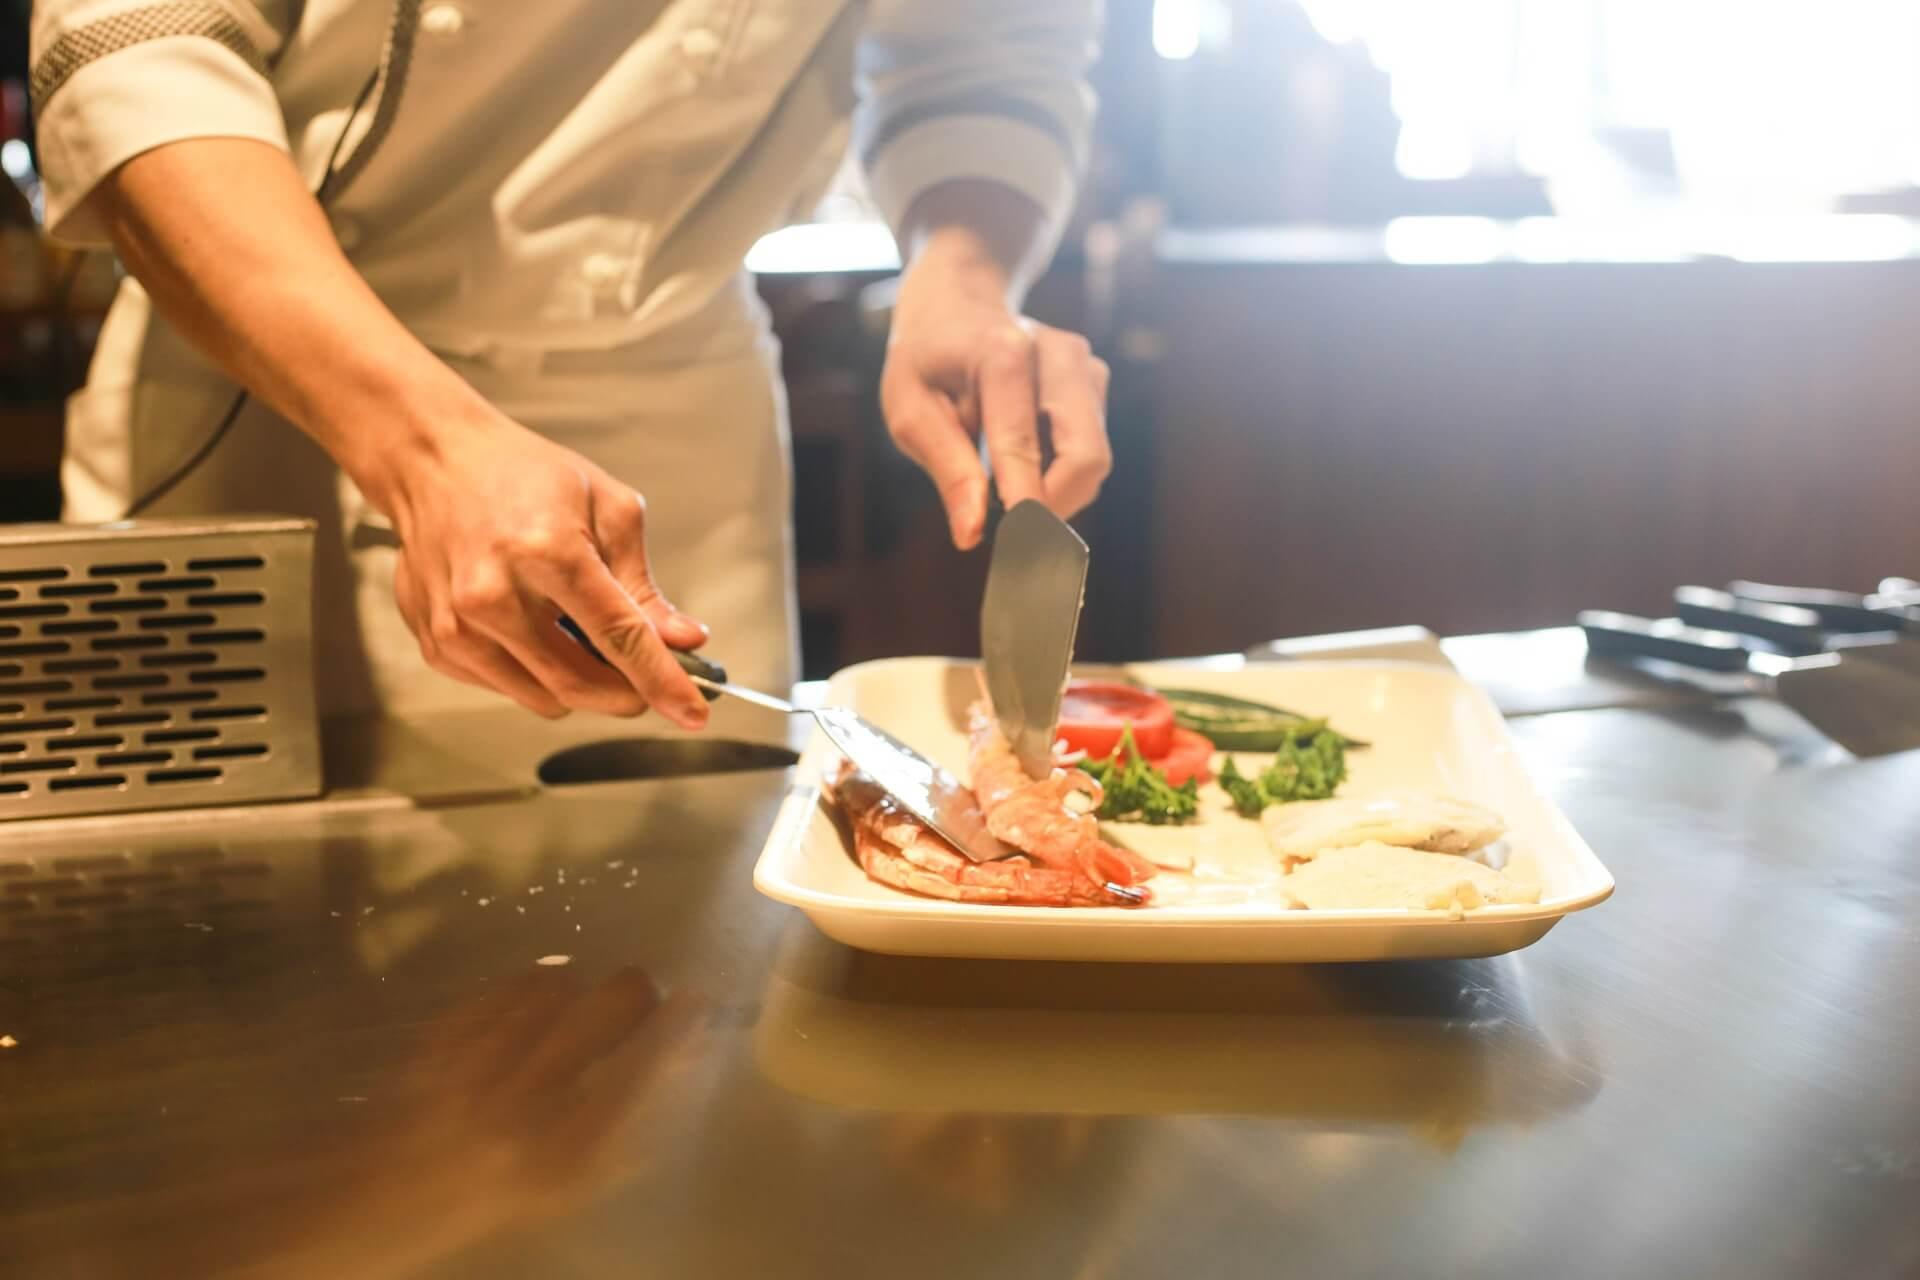 contaminacion-cruzada-restaurantes_3 | Guiaceliacos